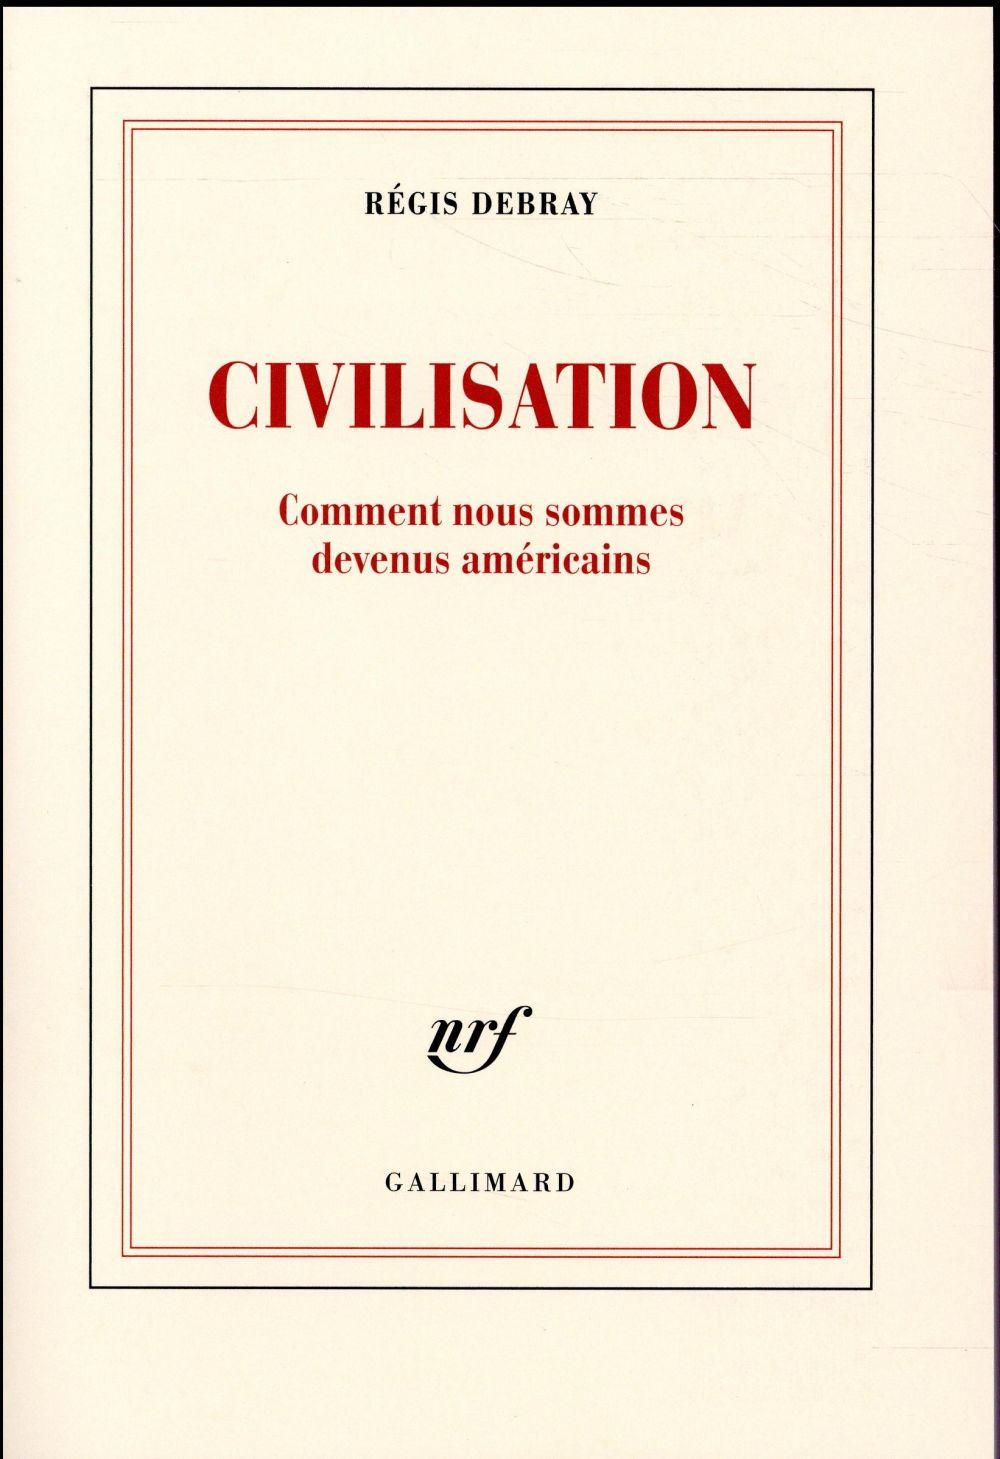 CIVILISATION, COMMENT NOUS SOMMES DEVENUS AMERICAINS